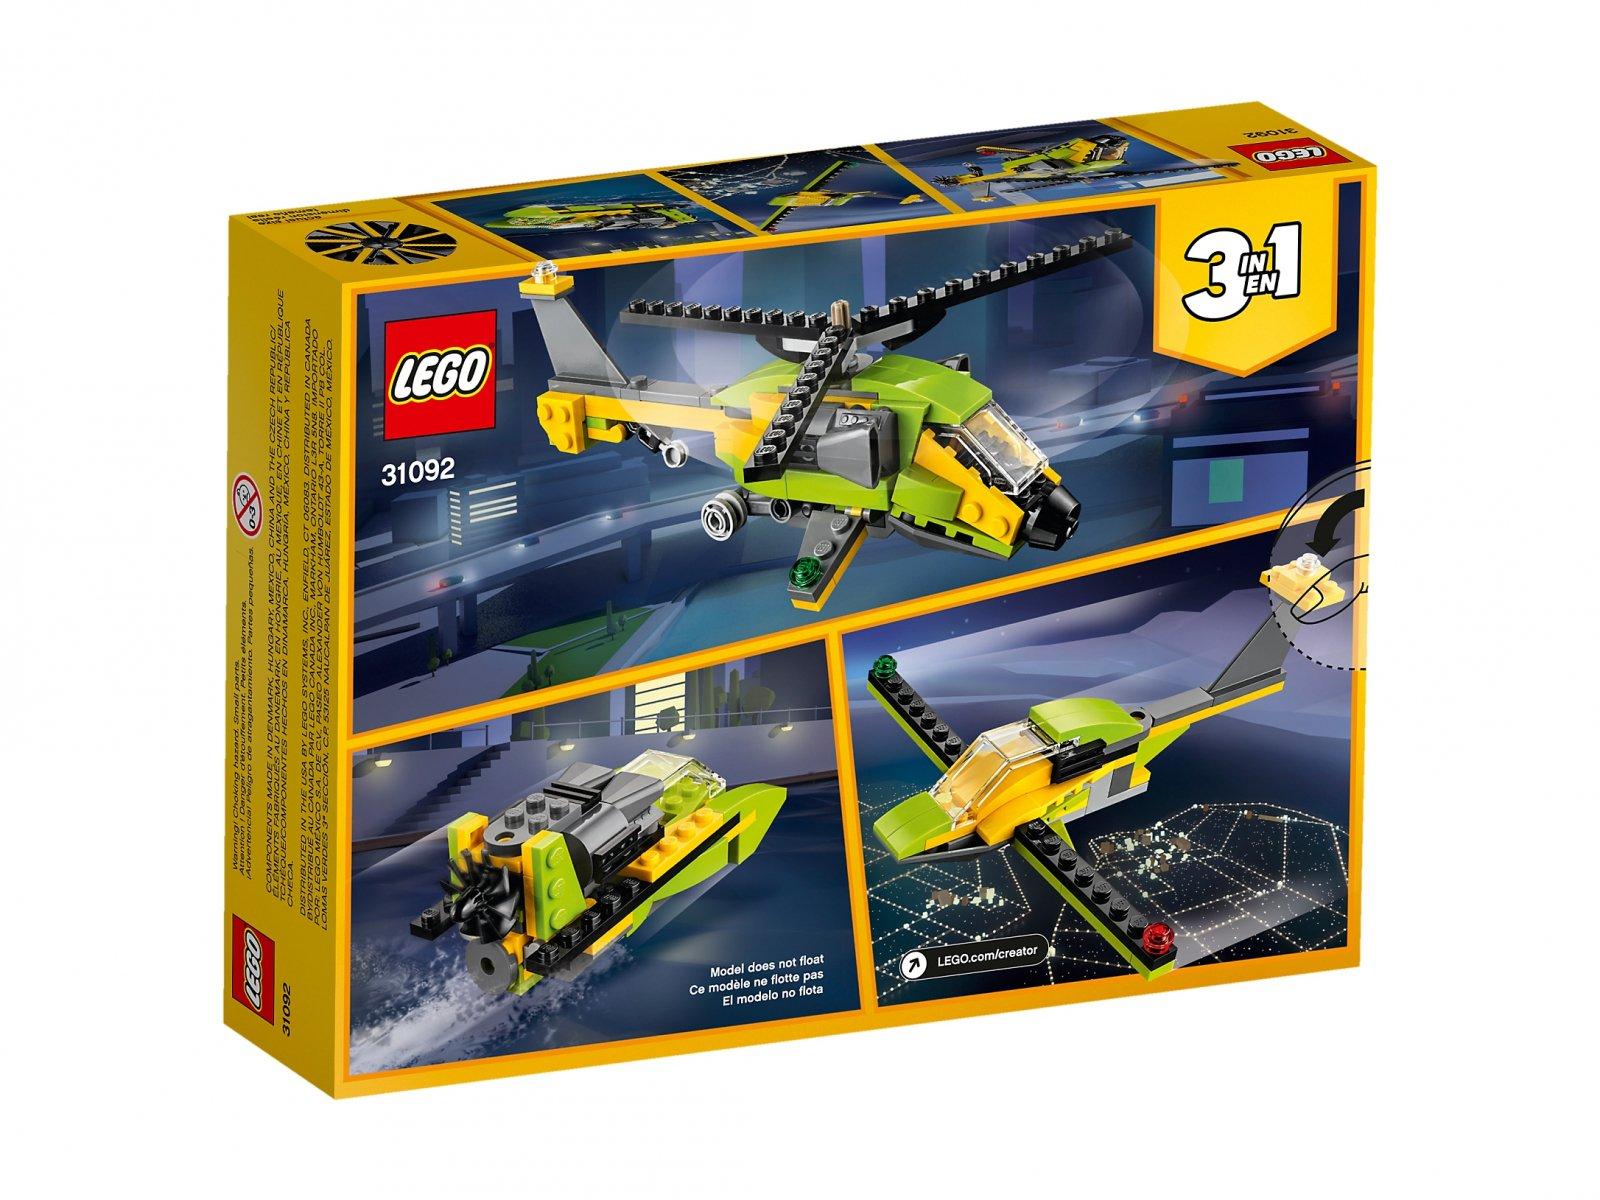 LEGO Creator 3 w 1 31092 Przygoda z helikopterem